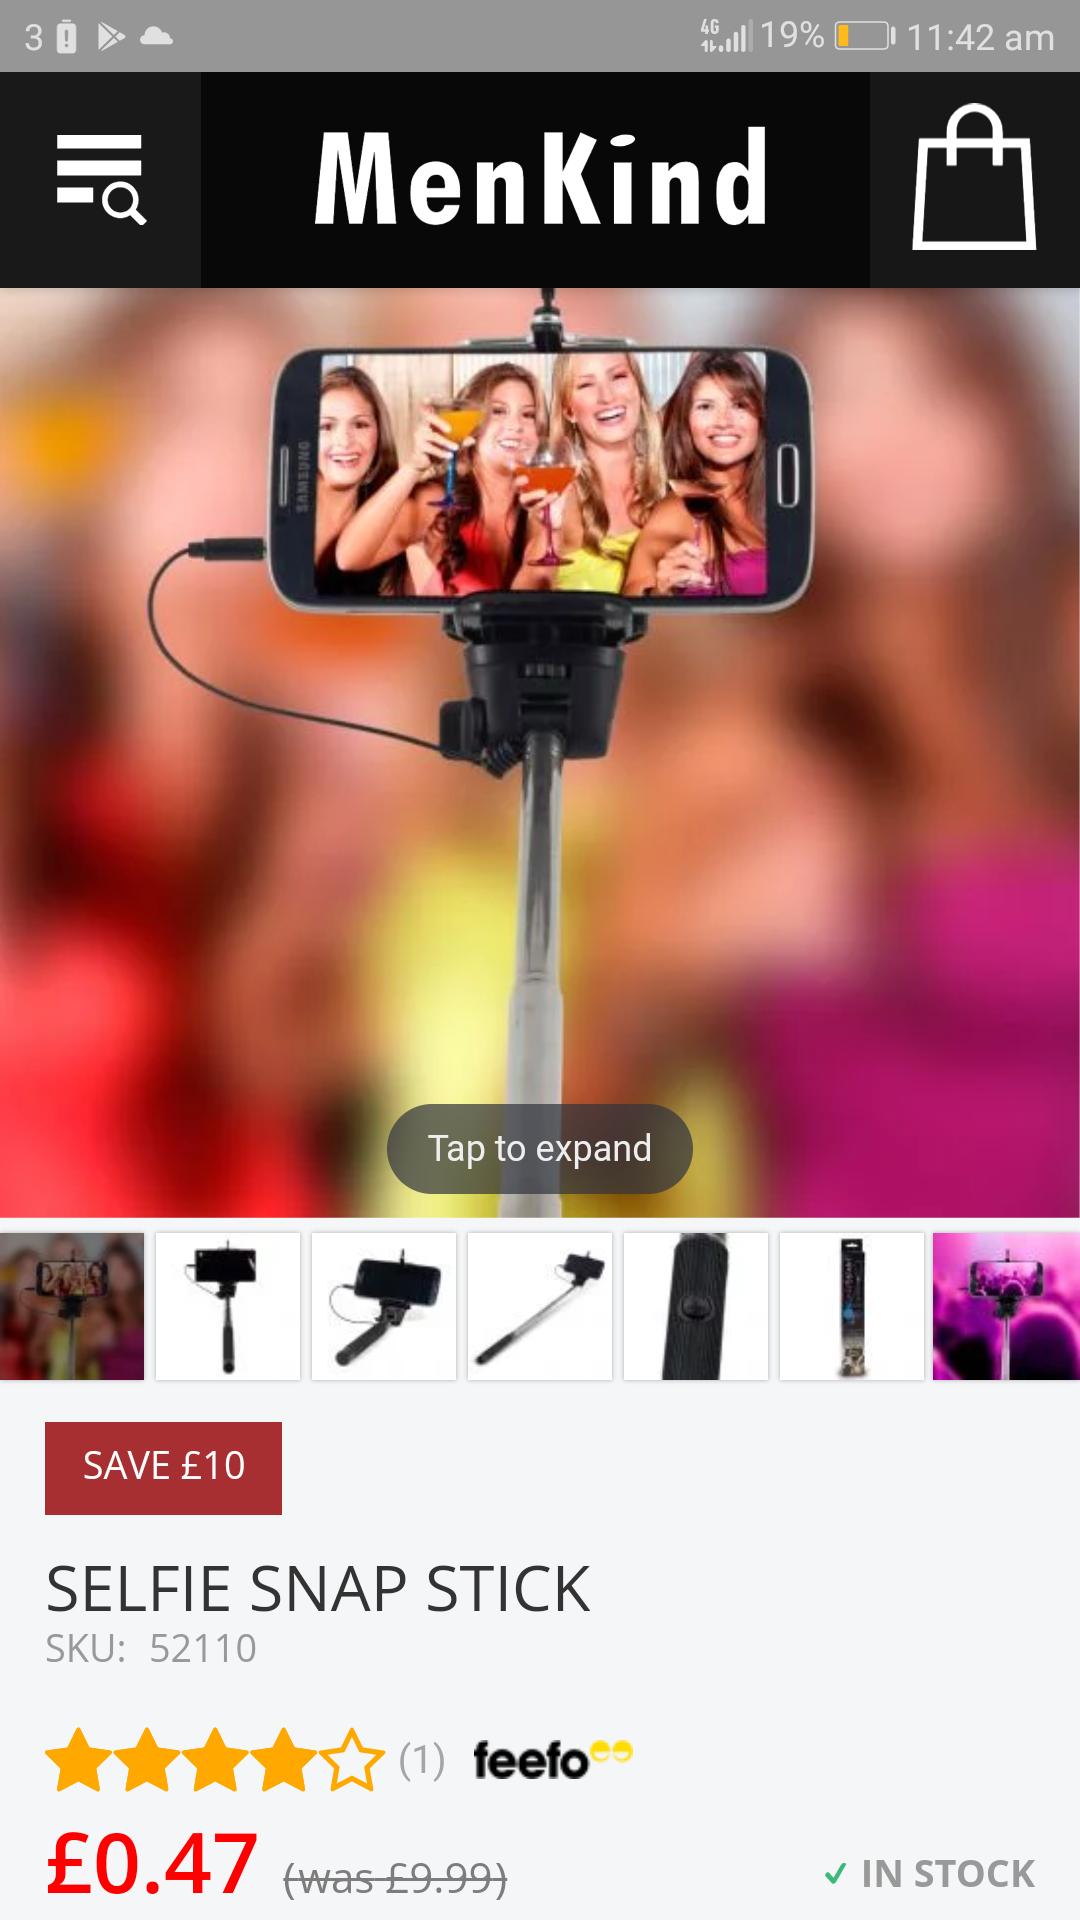 Selfie stick 47p! / £4.46 delivered @ Menkind